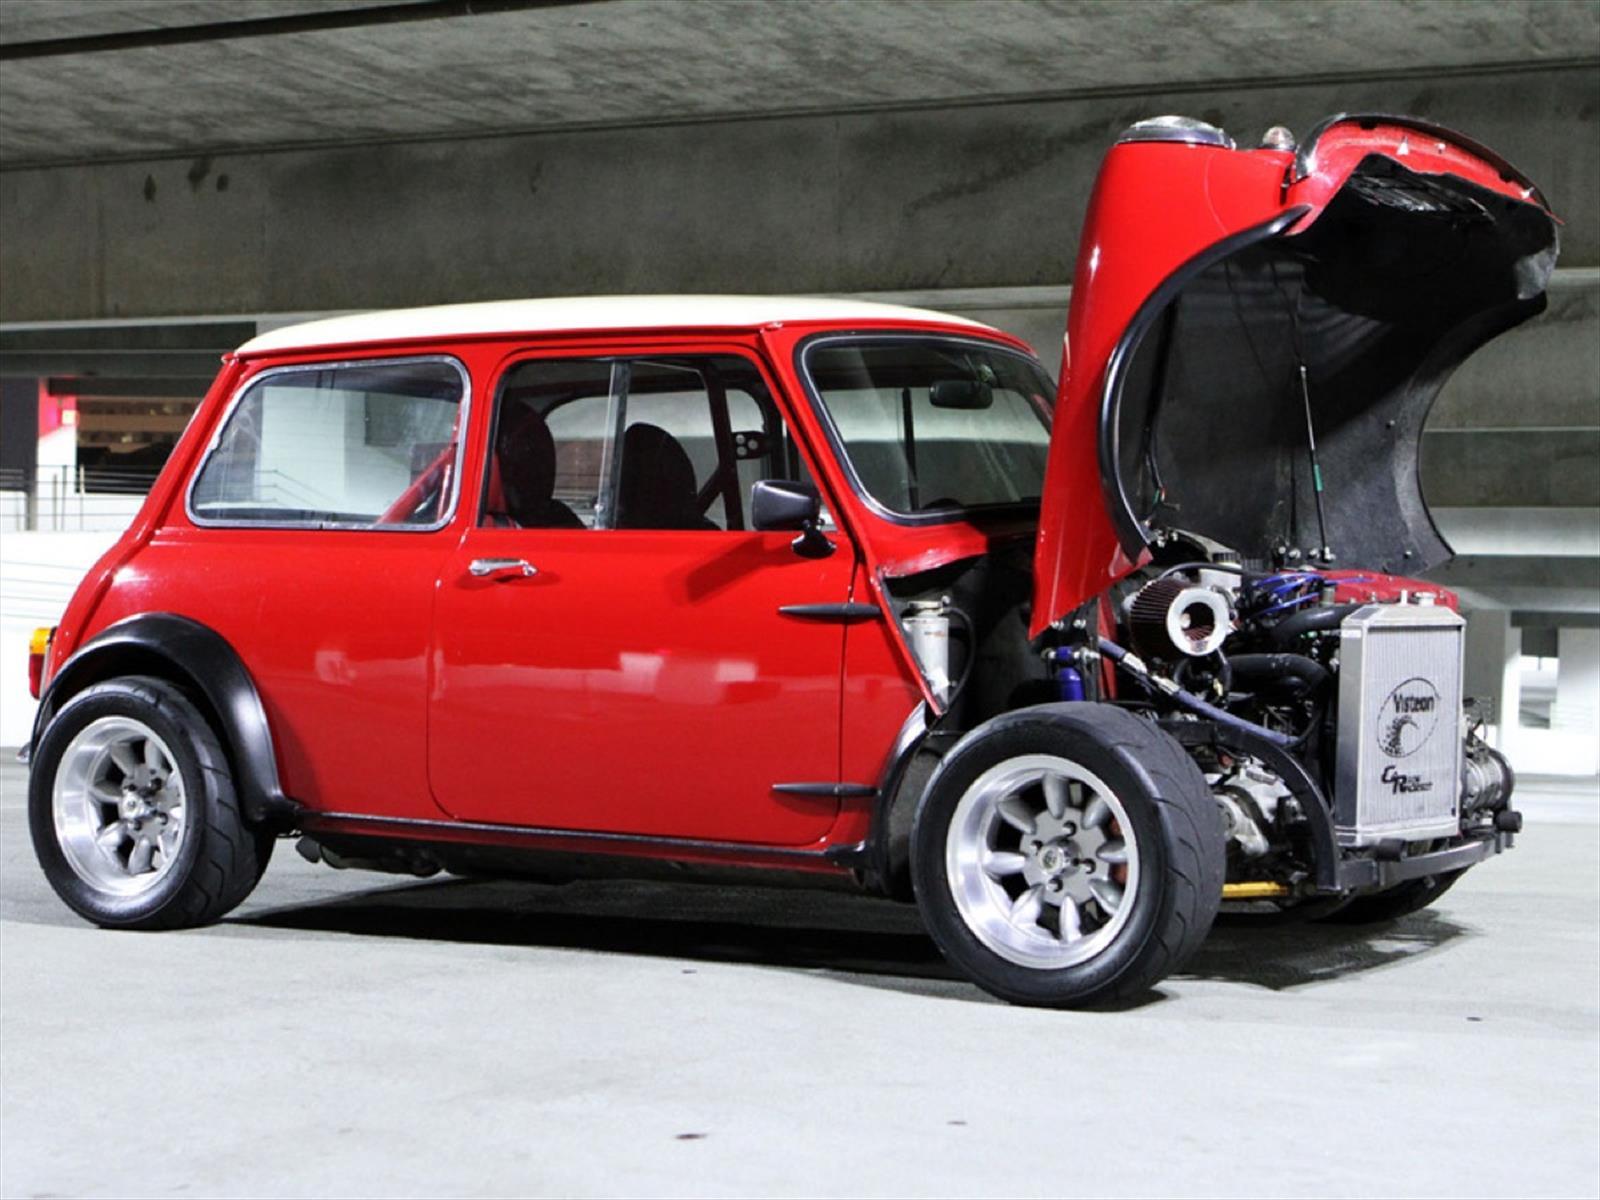 Mini cooper cl sico con motor de honda un sue o hecho - Mini clasico para restaurar ...